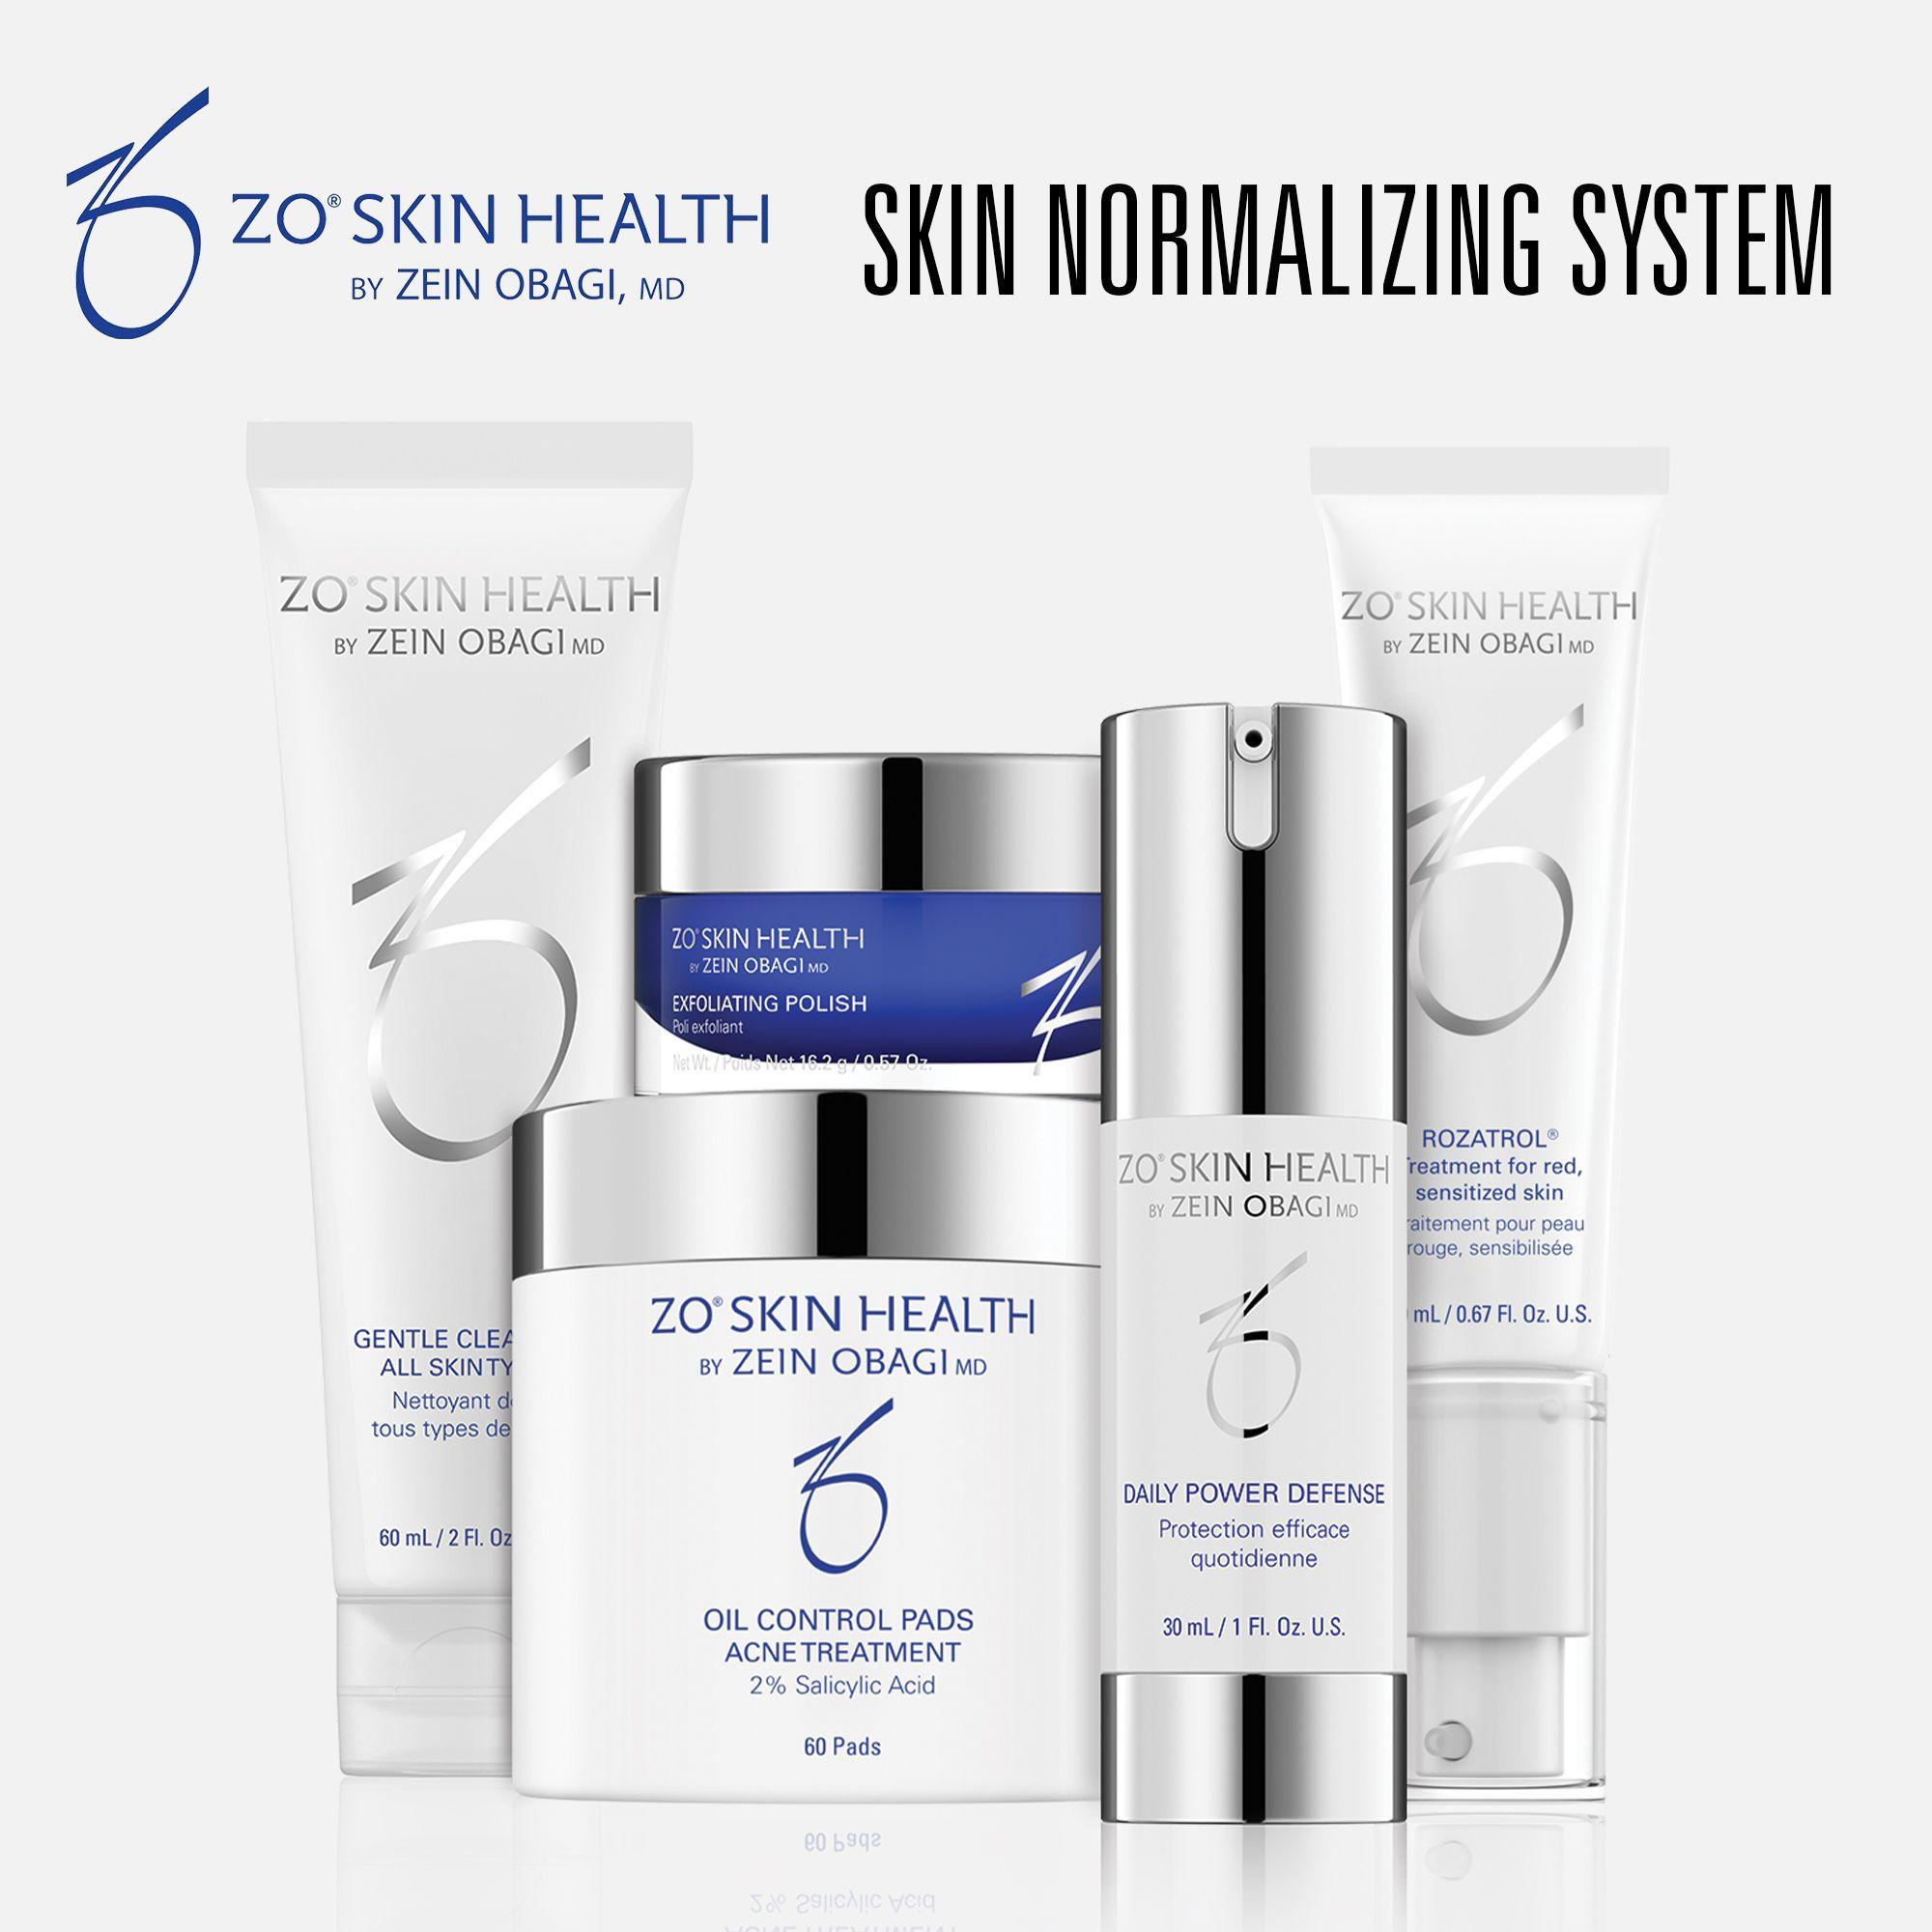 Zo Skin Health Skin Normalizing System In 2020 Skin Health Medispa Restore Skin